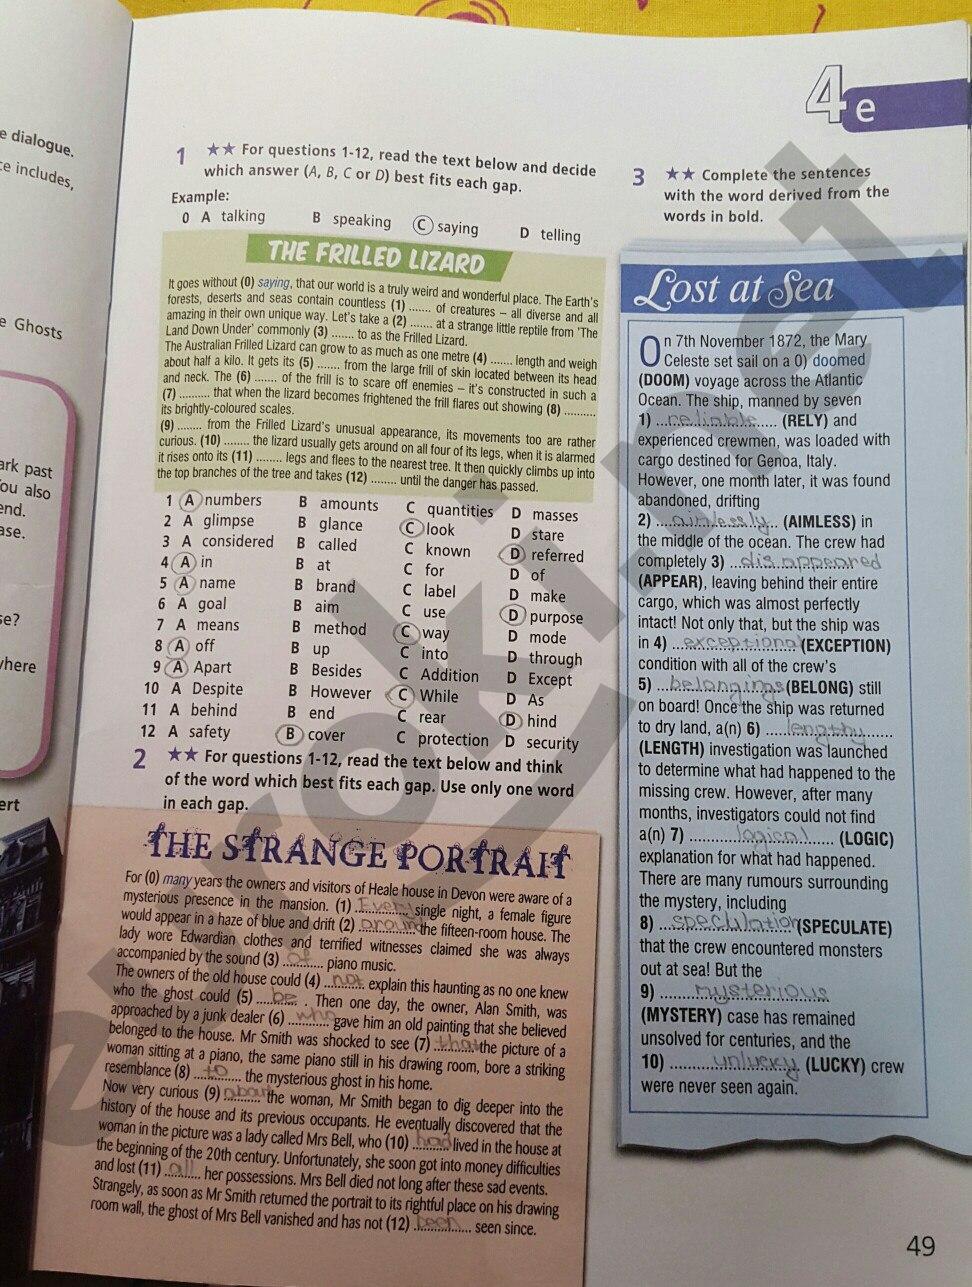 ГДЗ по английскому языку 8 класс рабочая тетрадь Баранова. Задание: стр. 49